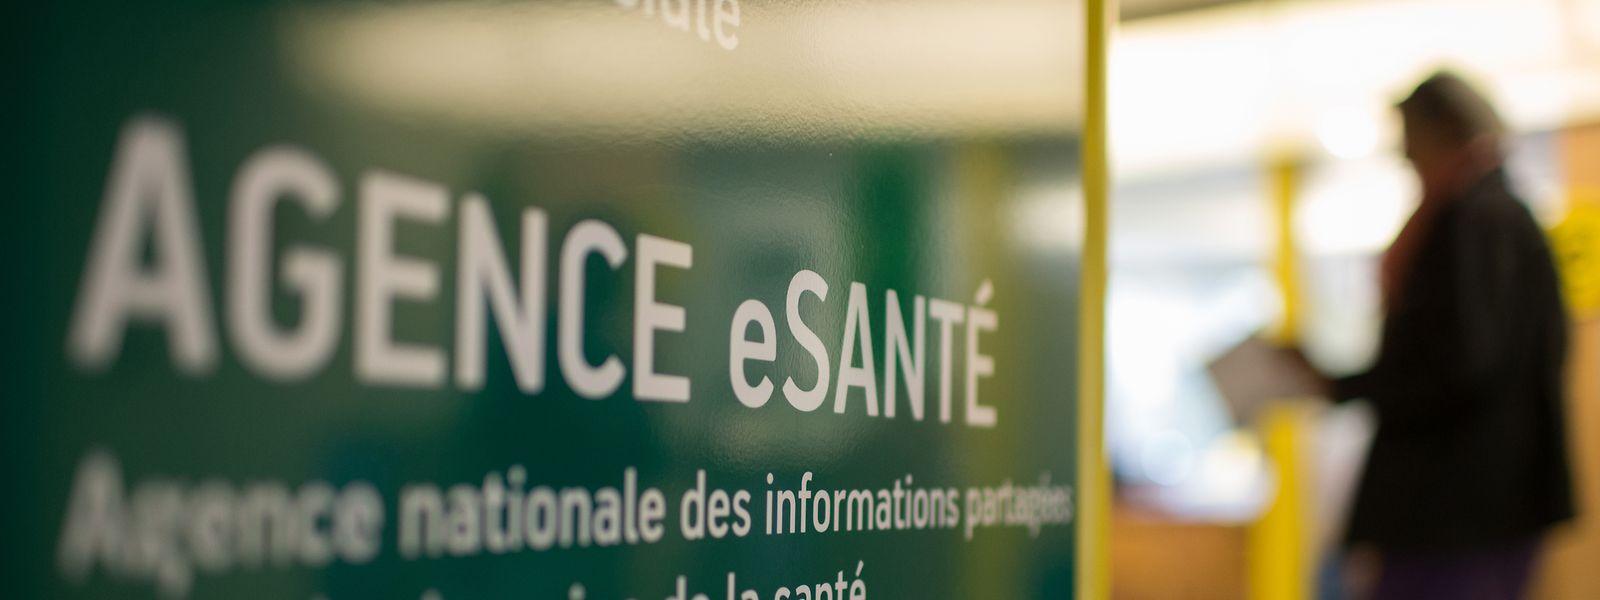 L'agence e-Santé est officiellement opérationnelle dès 2012.